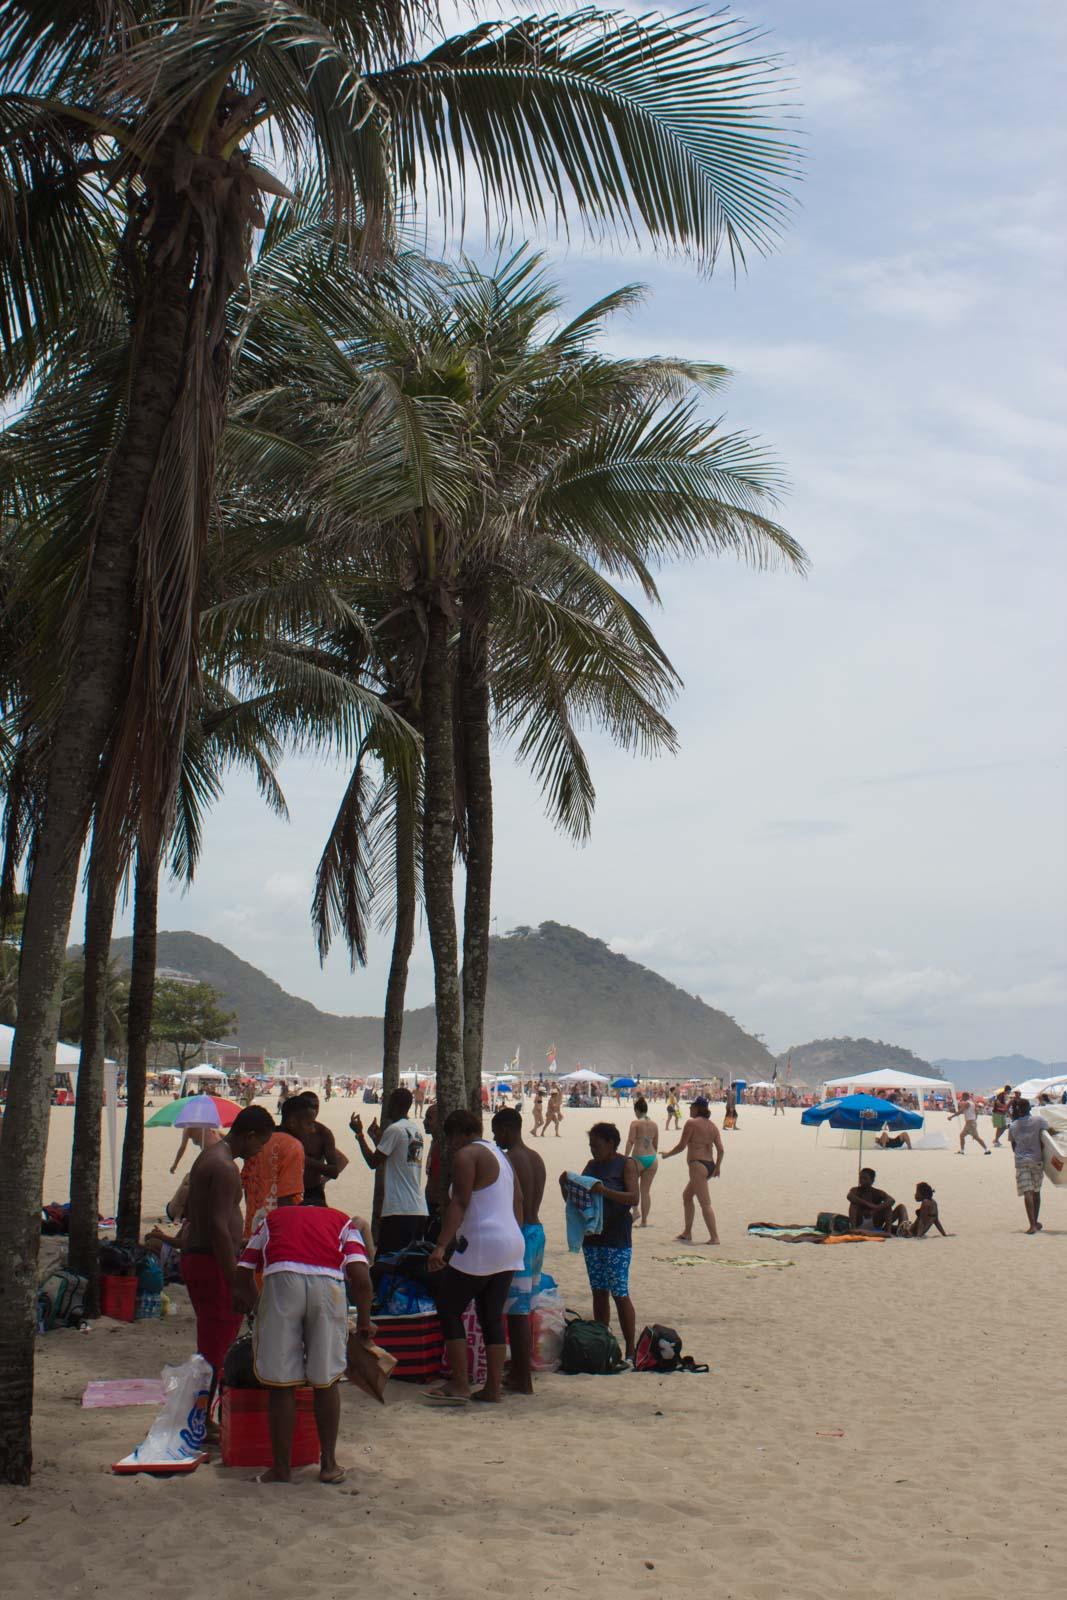 Rio de Janeiro tourism